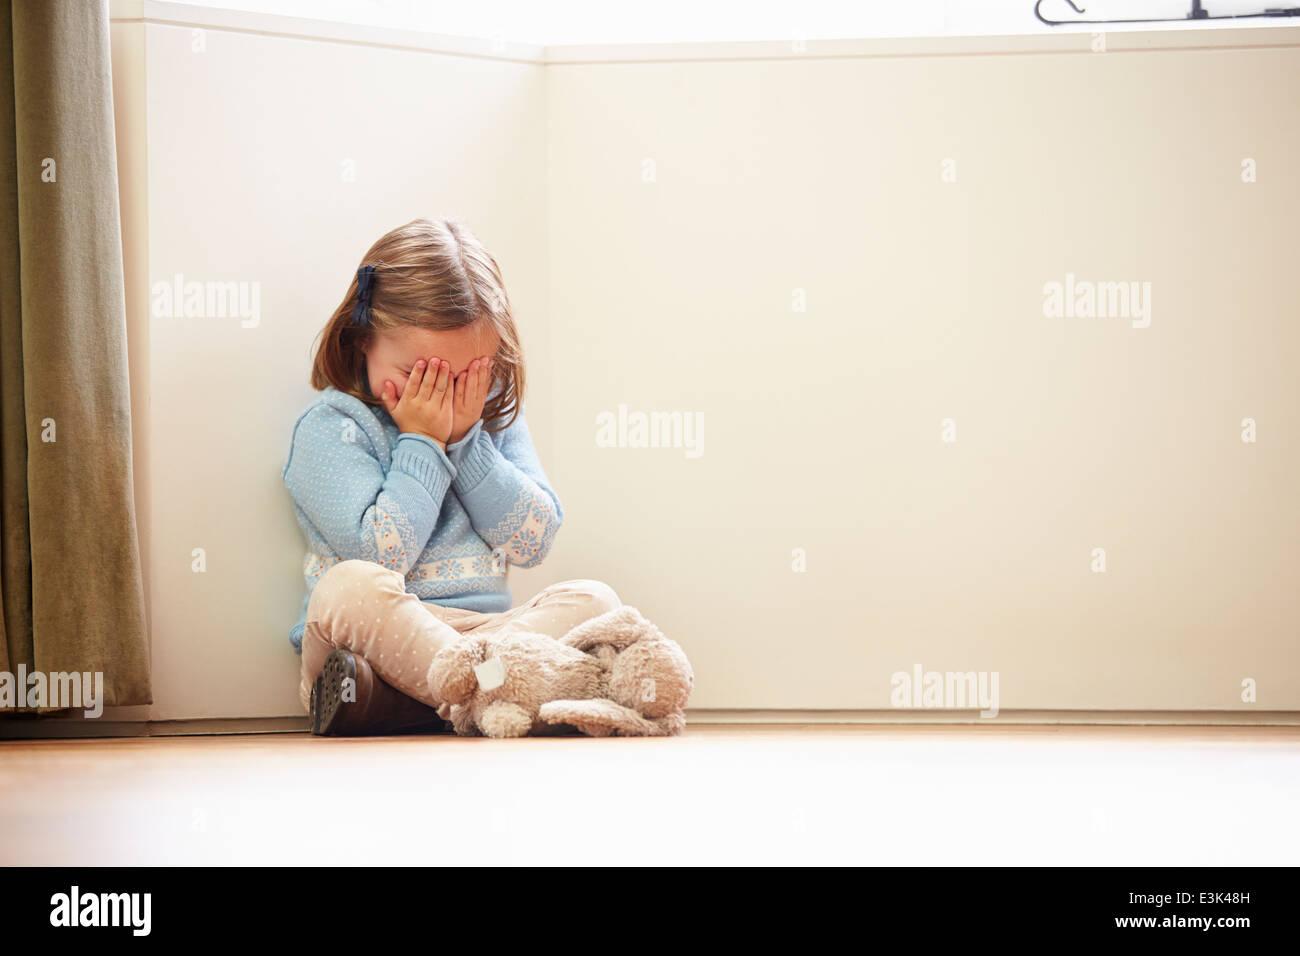 Unglückliches Kind zu Hause auf Boden In der Ecke sitzen Stockbild